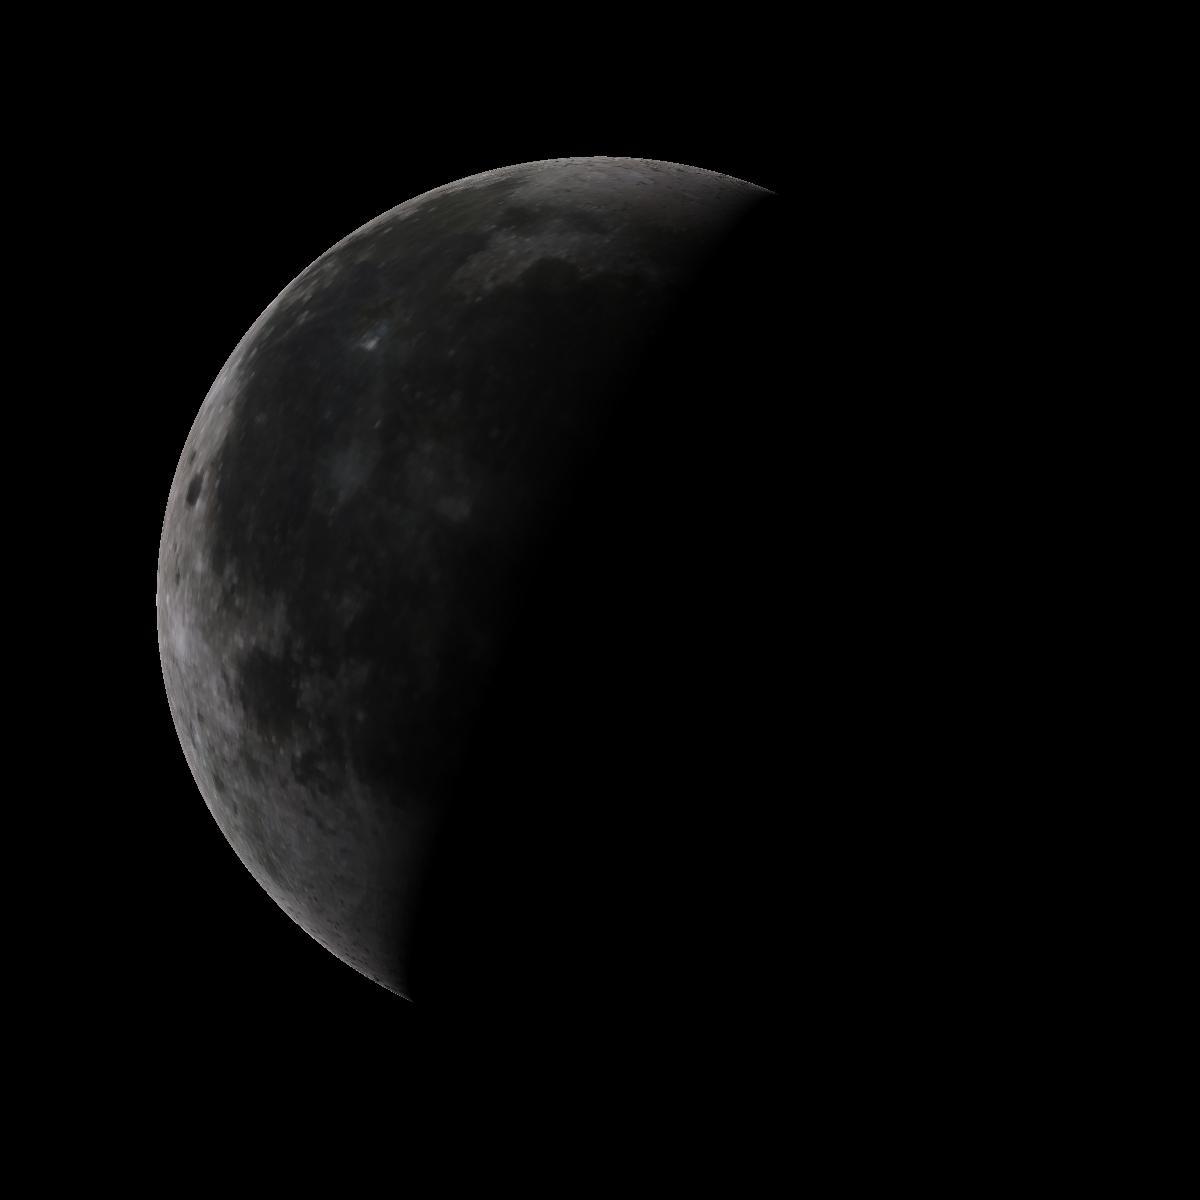 Lune du 14 juin 2020